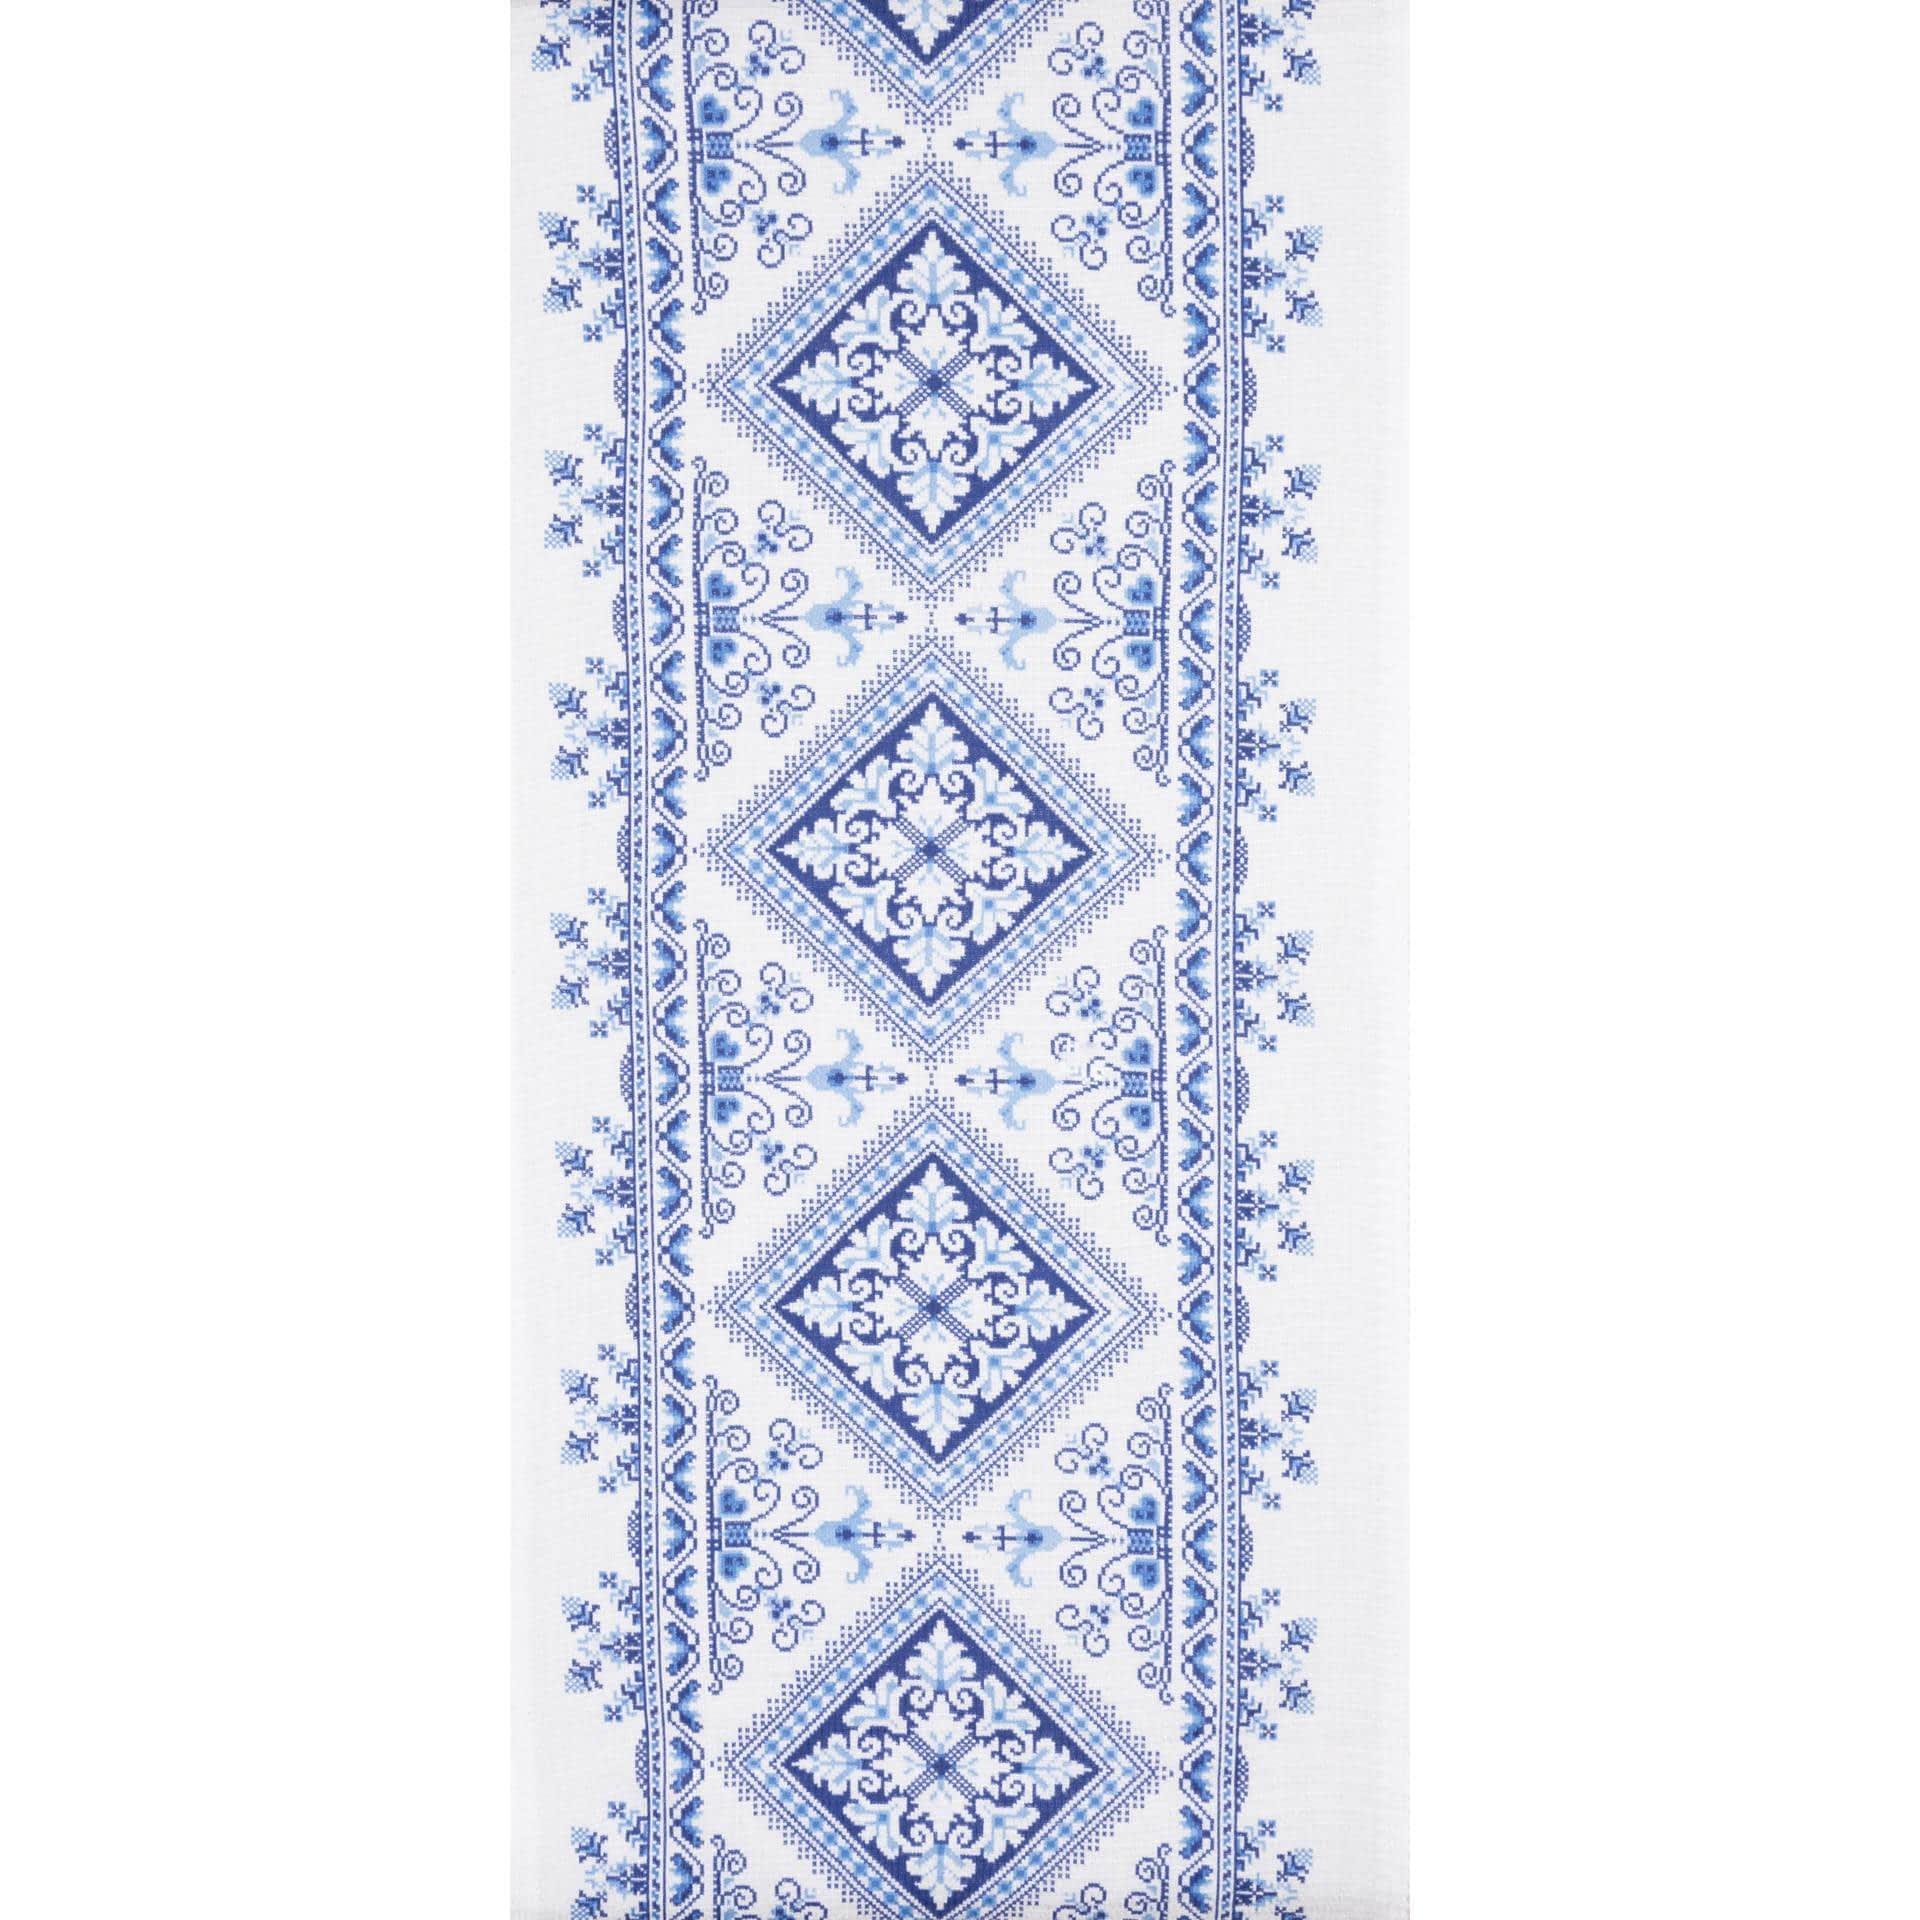 Тканини для рушників - Тканина рушникова вафельна набивна